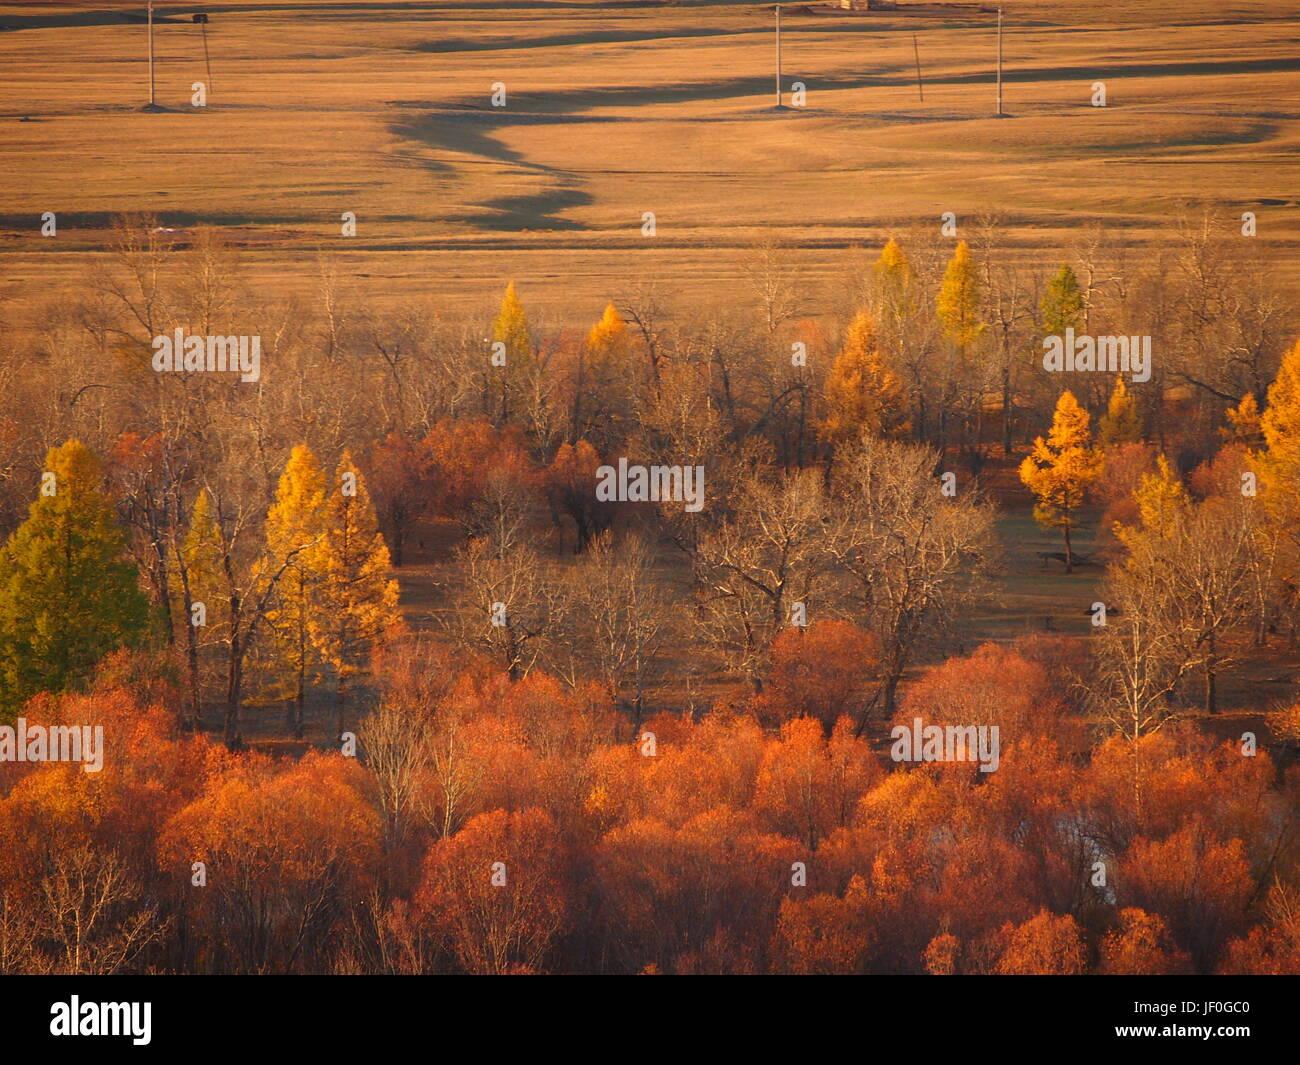 Tranquillo paesaggio mongola in luminosi colori arancione Immagini Stock